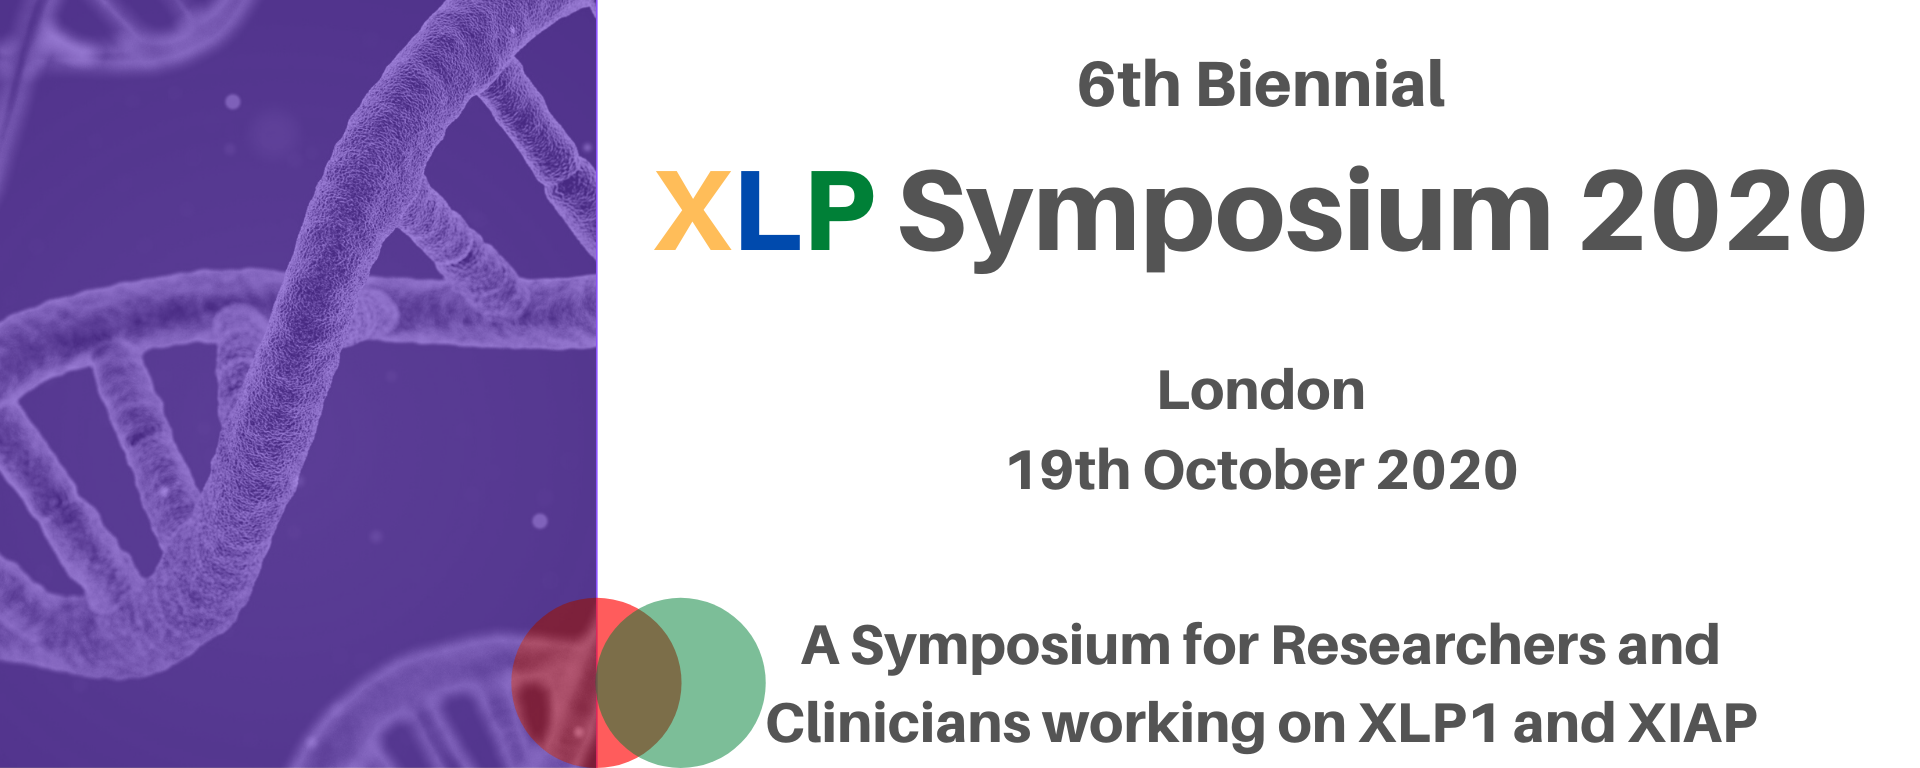 Xlp Symposium 2020 2